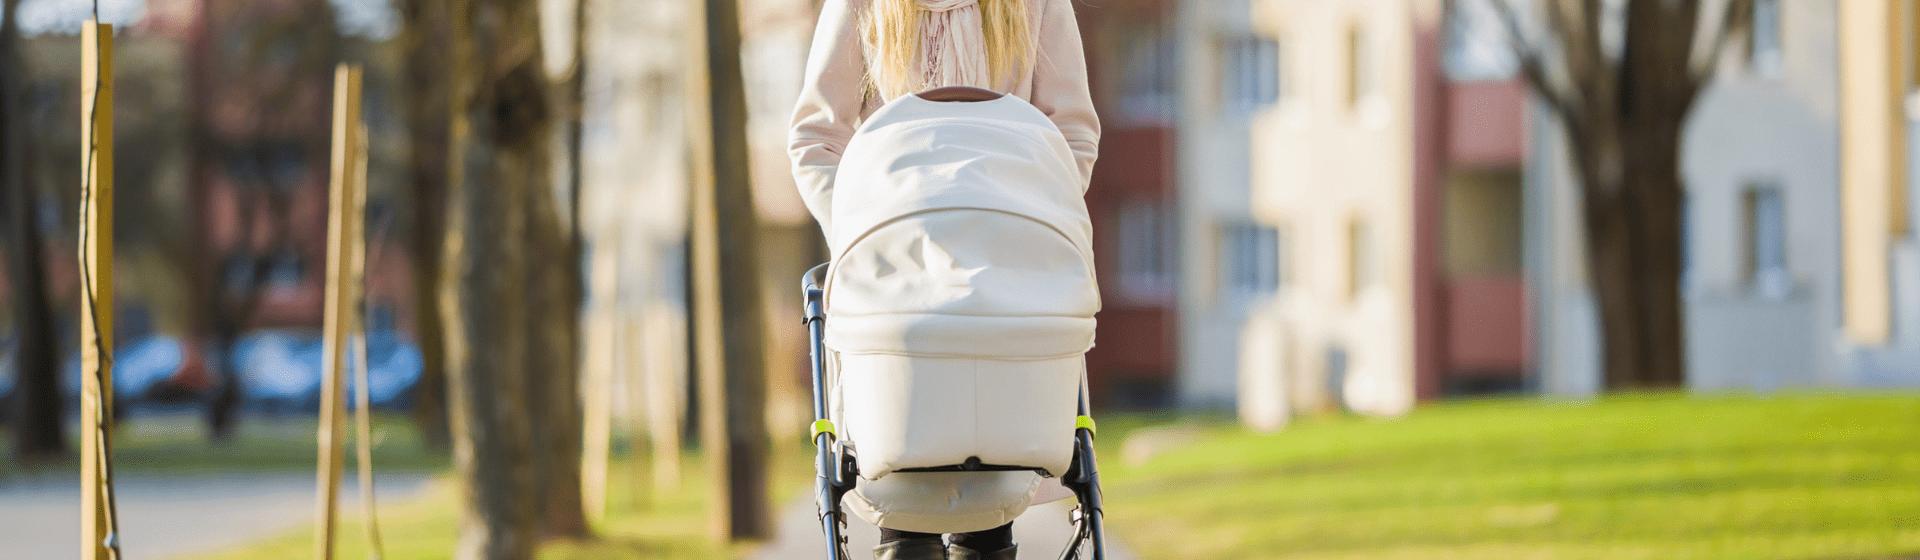 Carrinho de bebê Moisés: 6 opções para levar para viagem